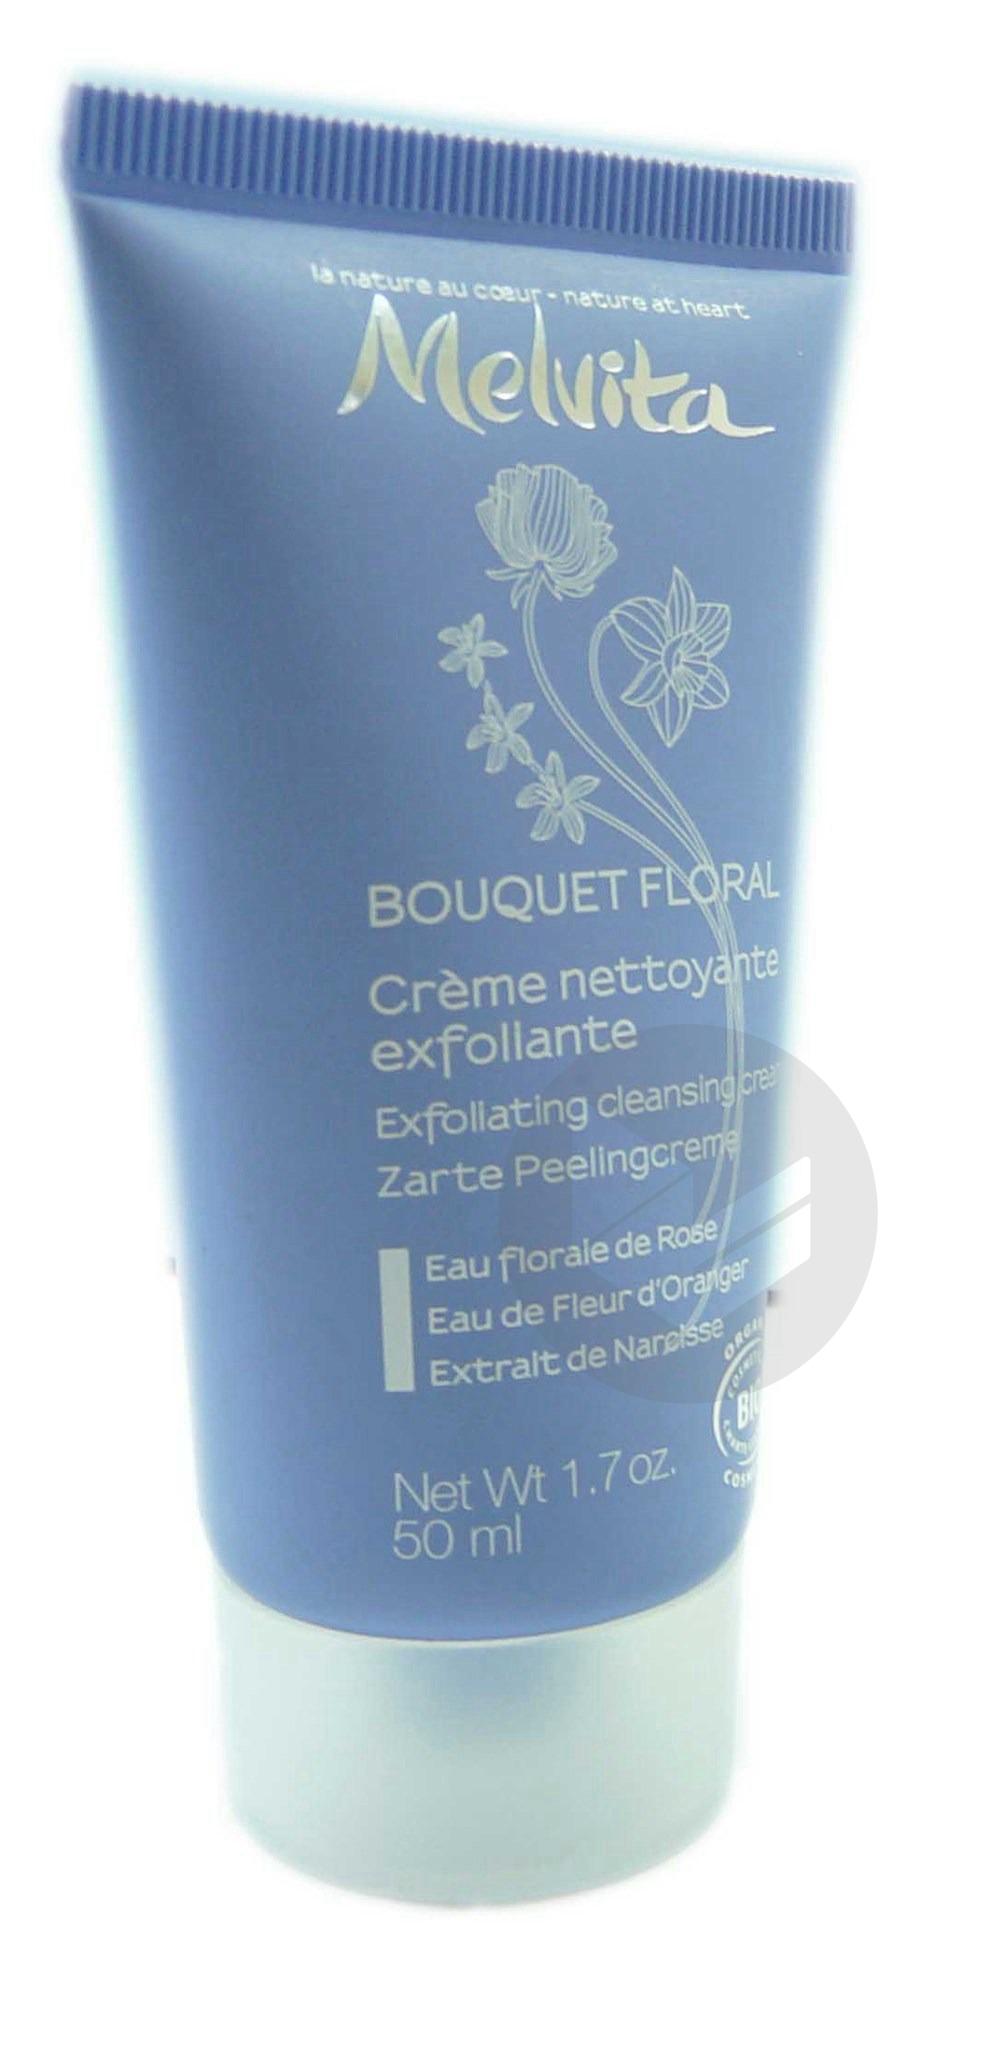 Bouquet Floral Cr Nettoyante Exfoliante T 50 Ml